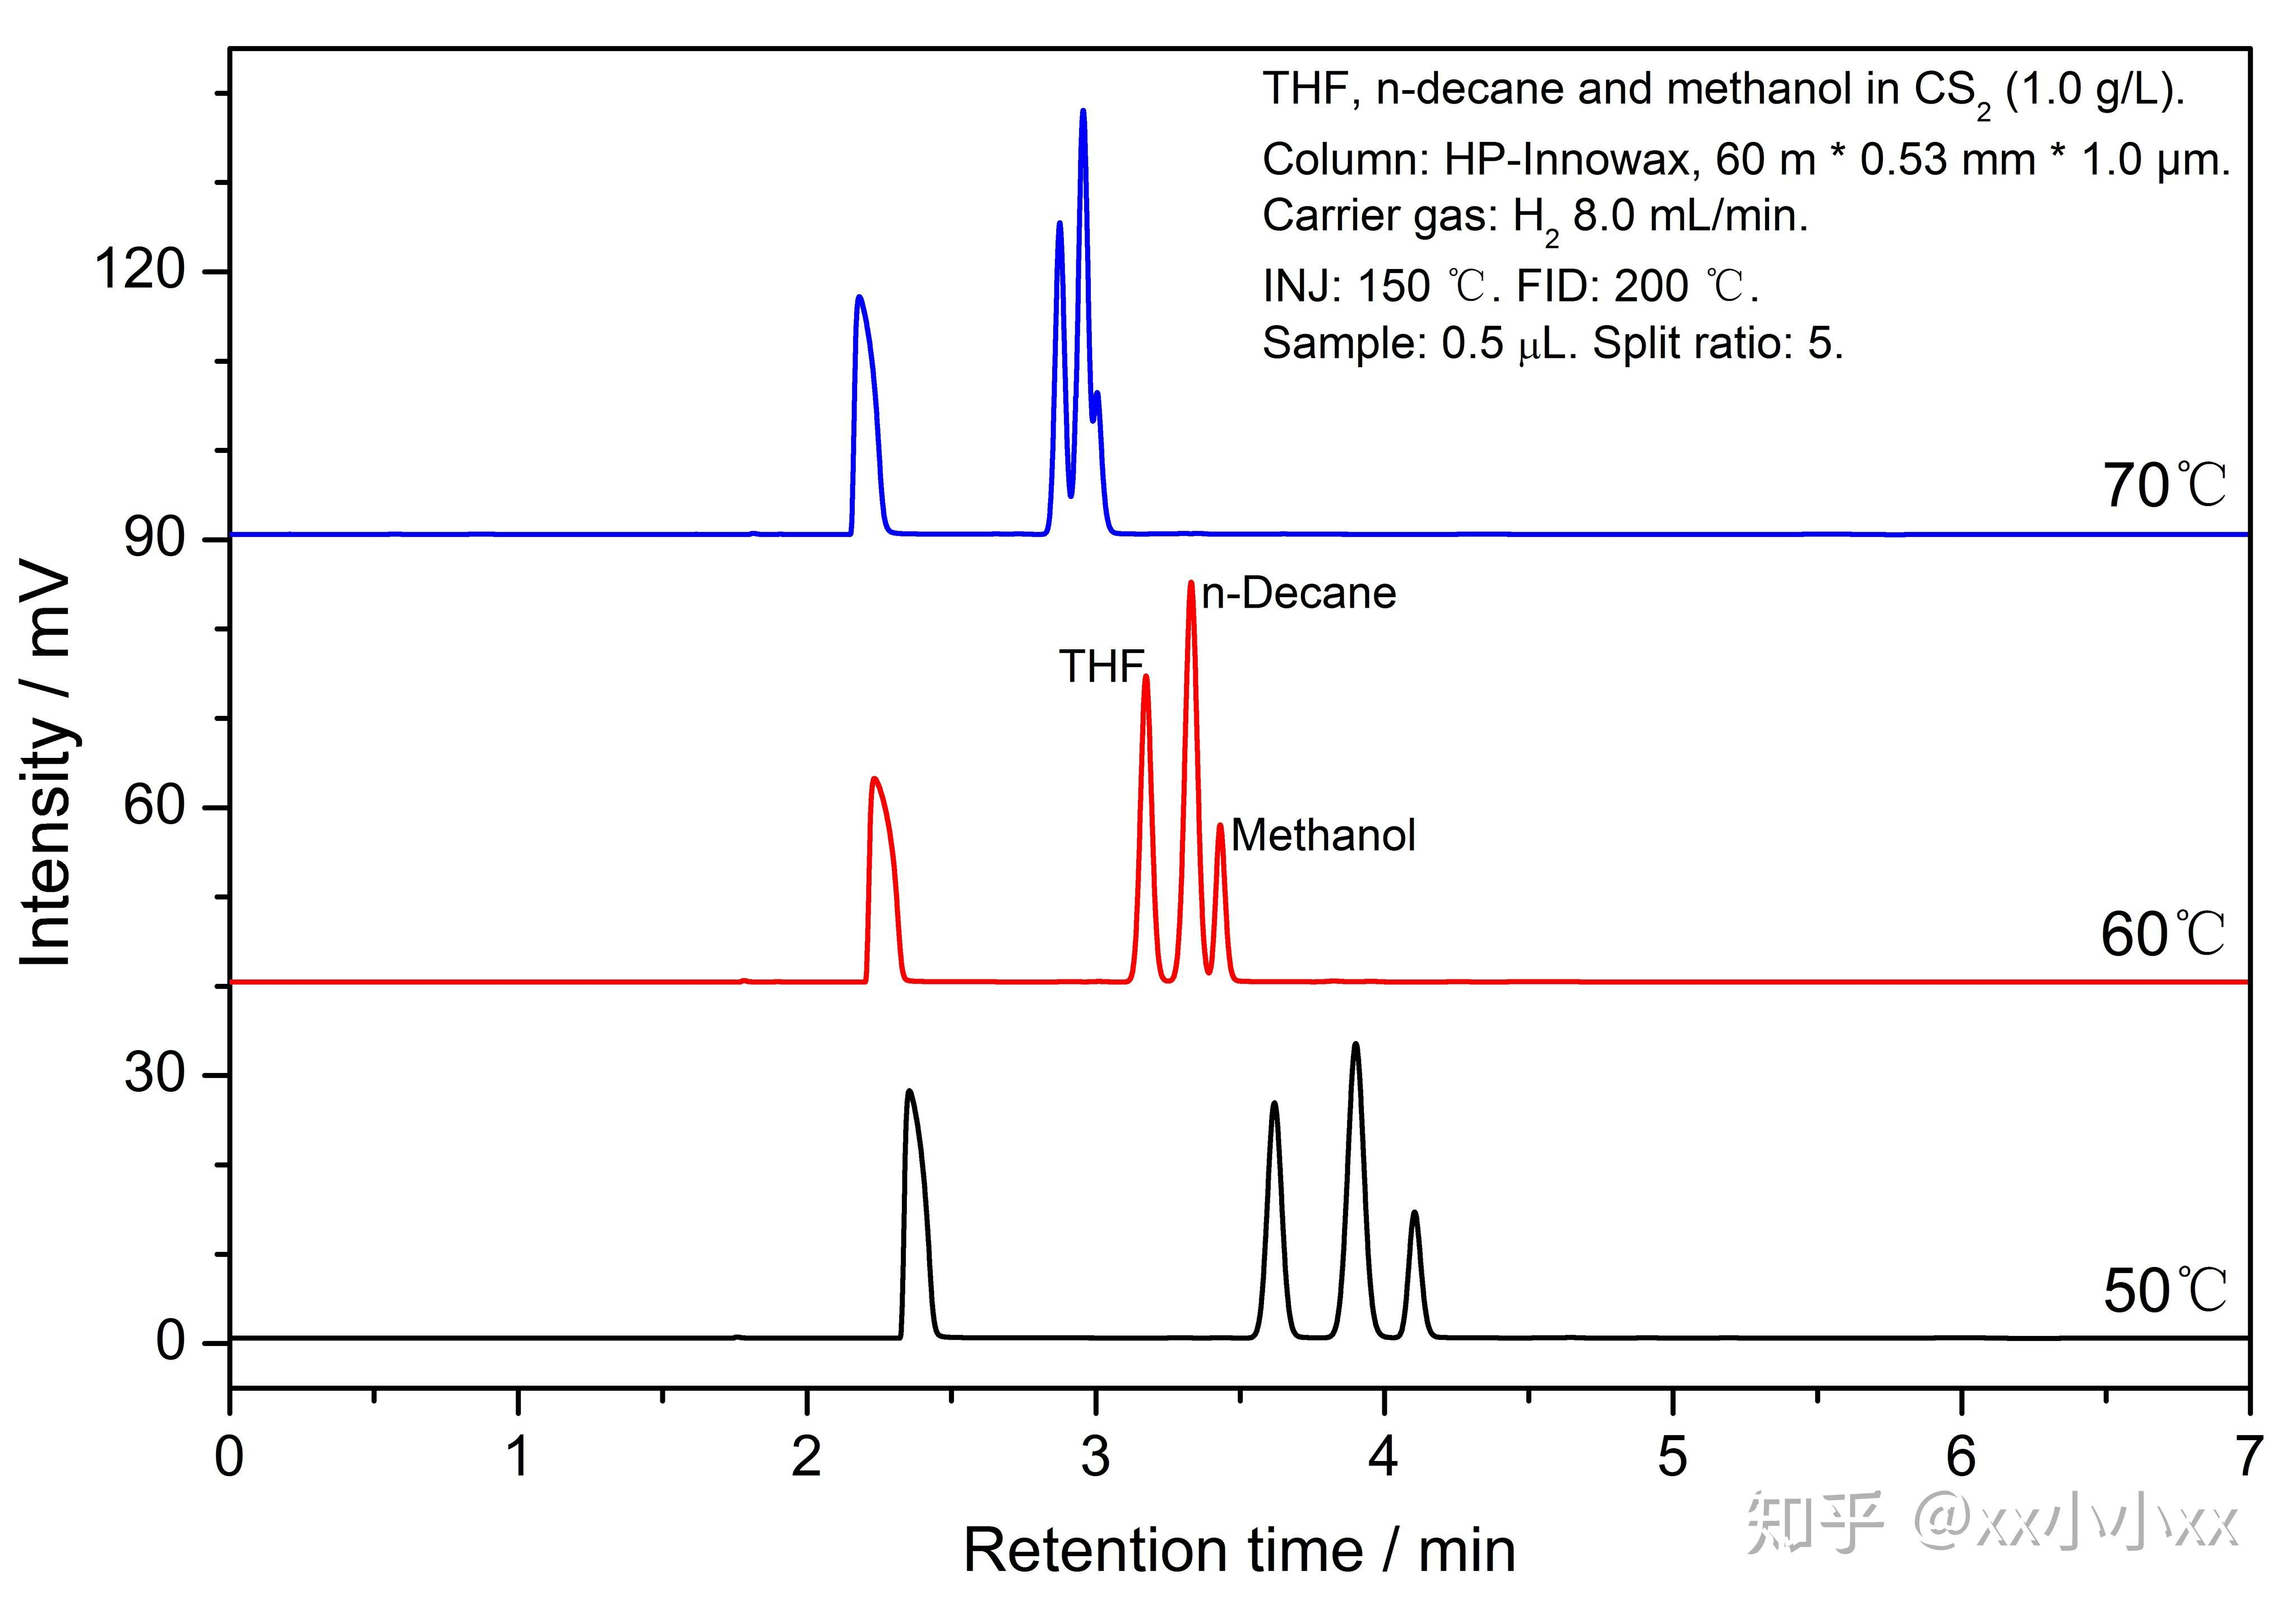 分析仪器网_气相色谱分析柱温如何选择——几个反常现象引发的思考 - 知乎